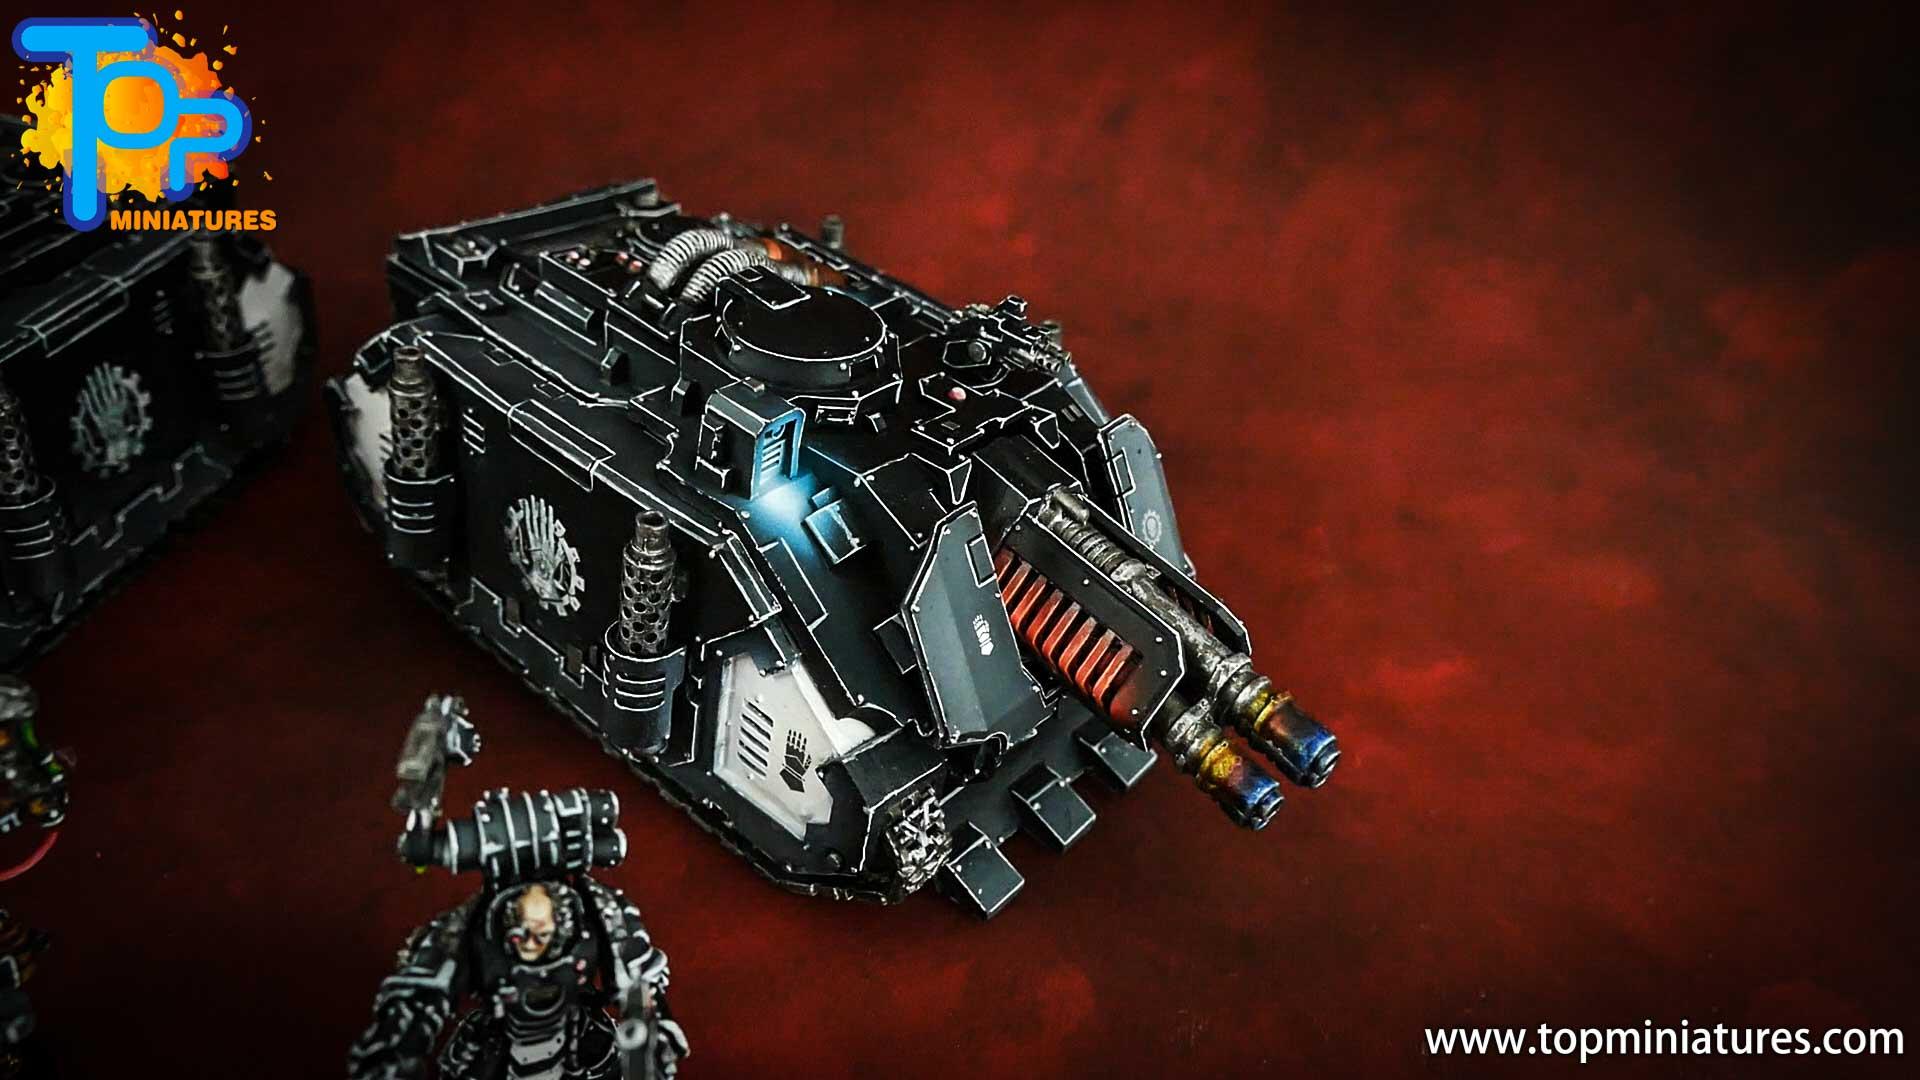 deimos vindicator laser destroyer (10)